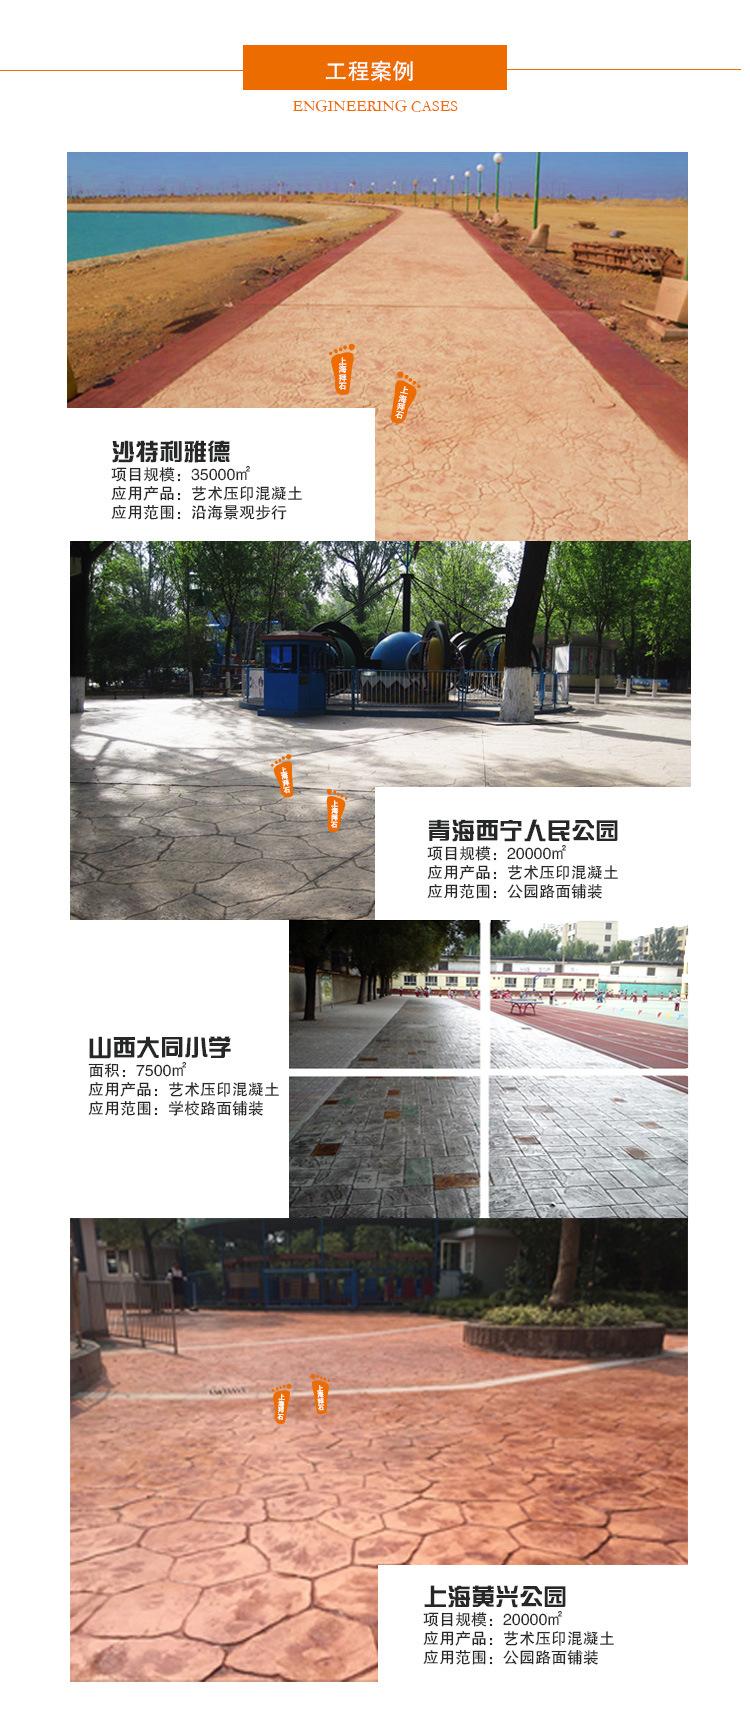 上海压花地坪案例